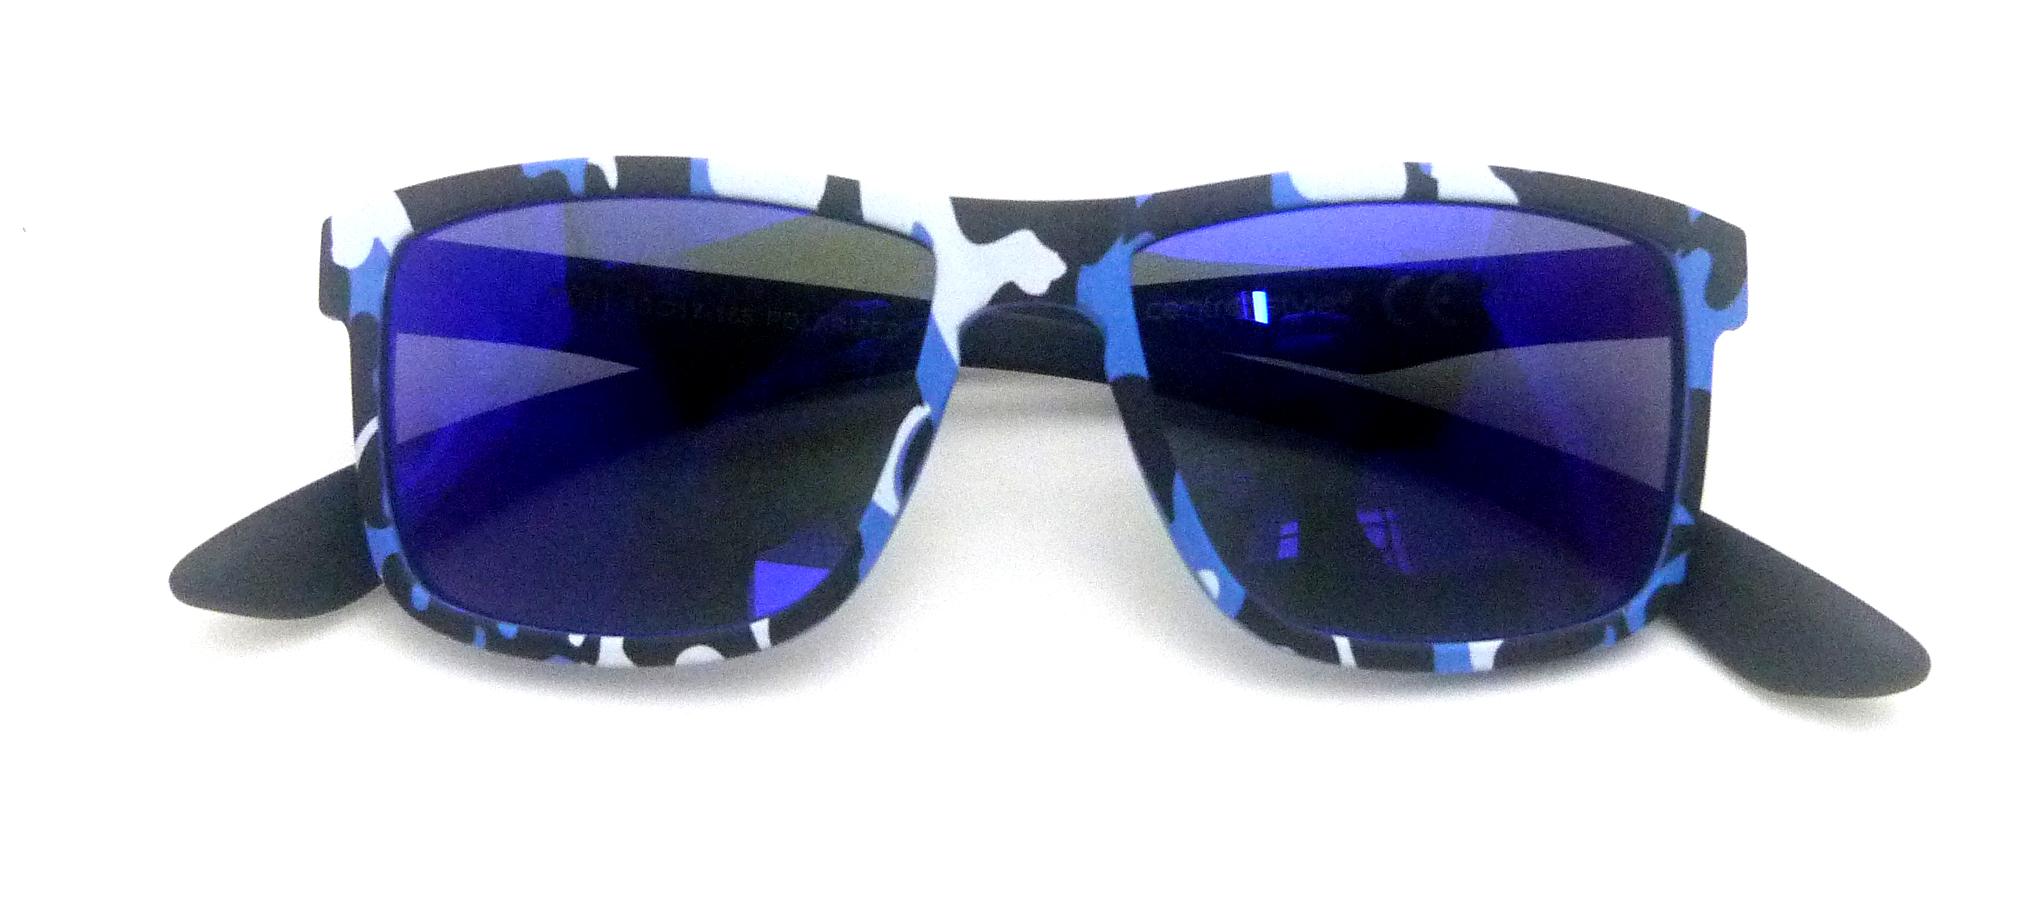 0215111 - Óculos-Solar CS Koala Camuflado 49x17 Azul Mod 15111 FLAG 9  -Contém 1 Peça